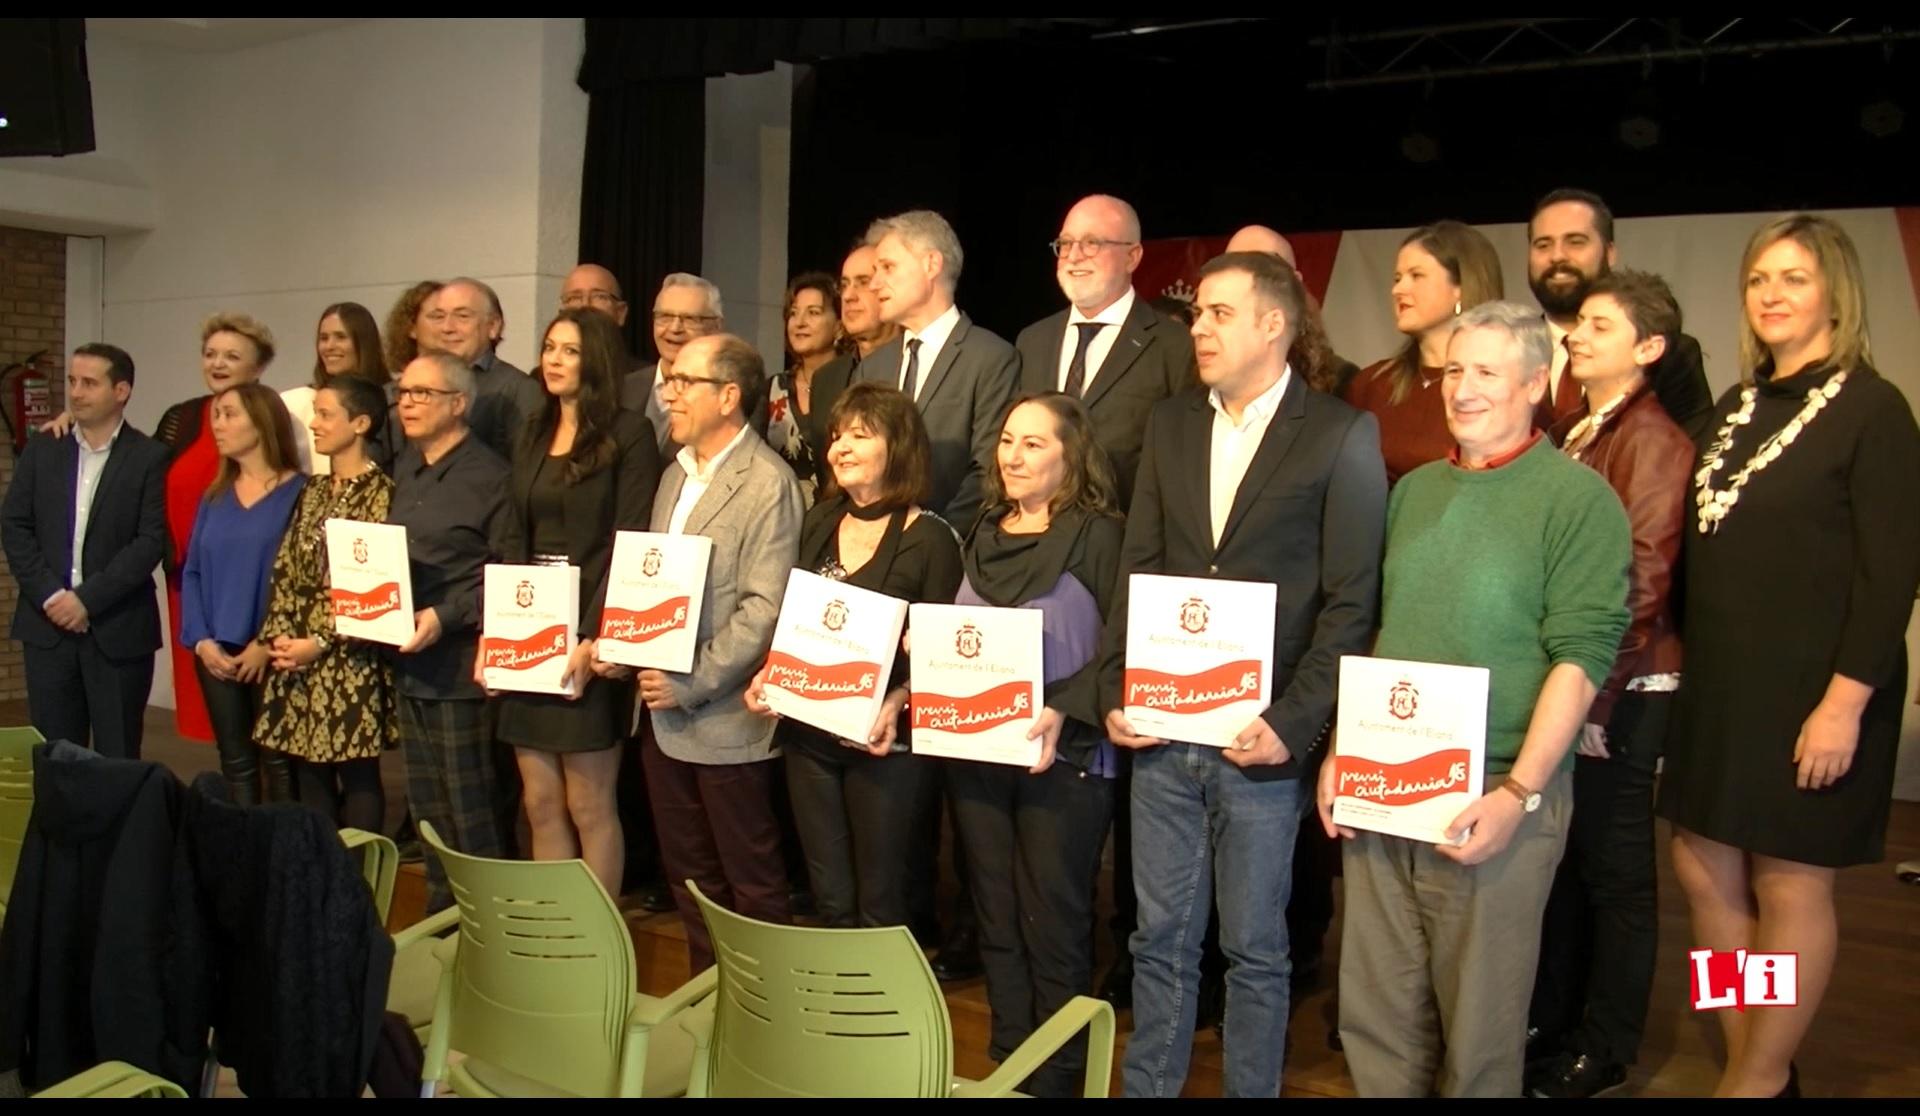 Coincidiendo con el Día de la Constitución, esta gala trata de reconocer y premiar a los ciudadanos y colectivos de l'Eliana por su trayectoria y compromiso con el municipio.